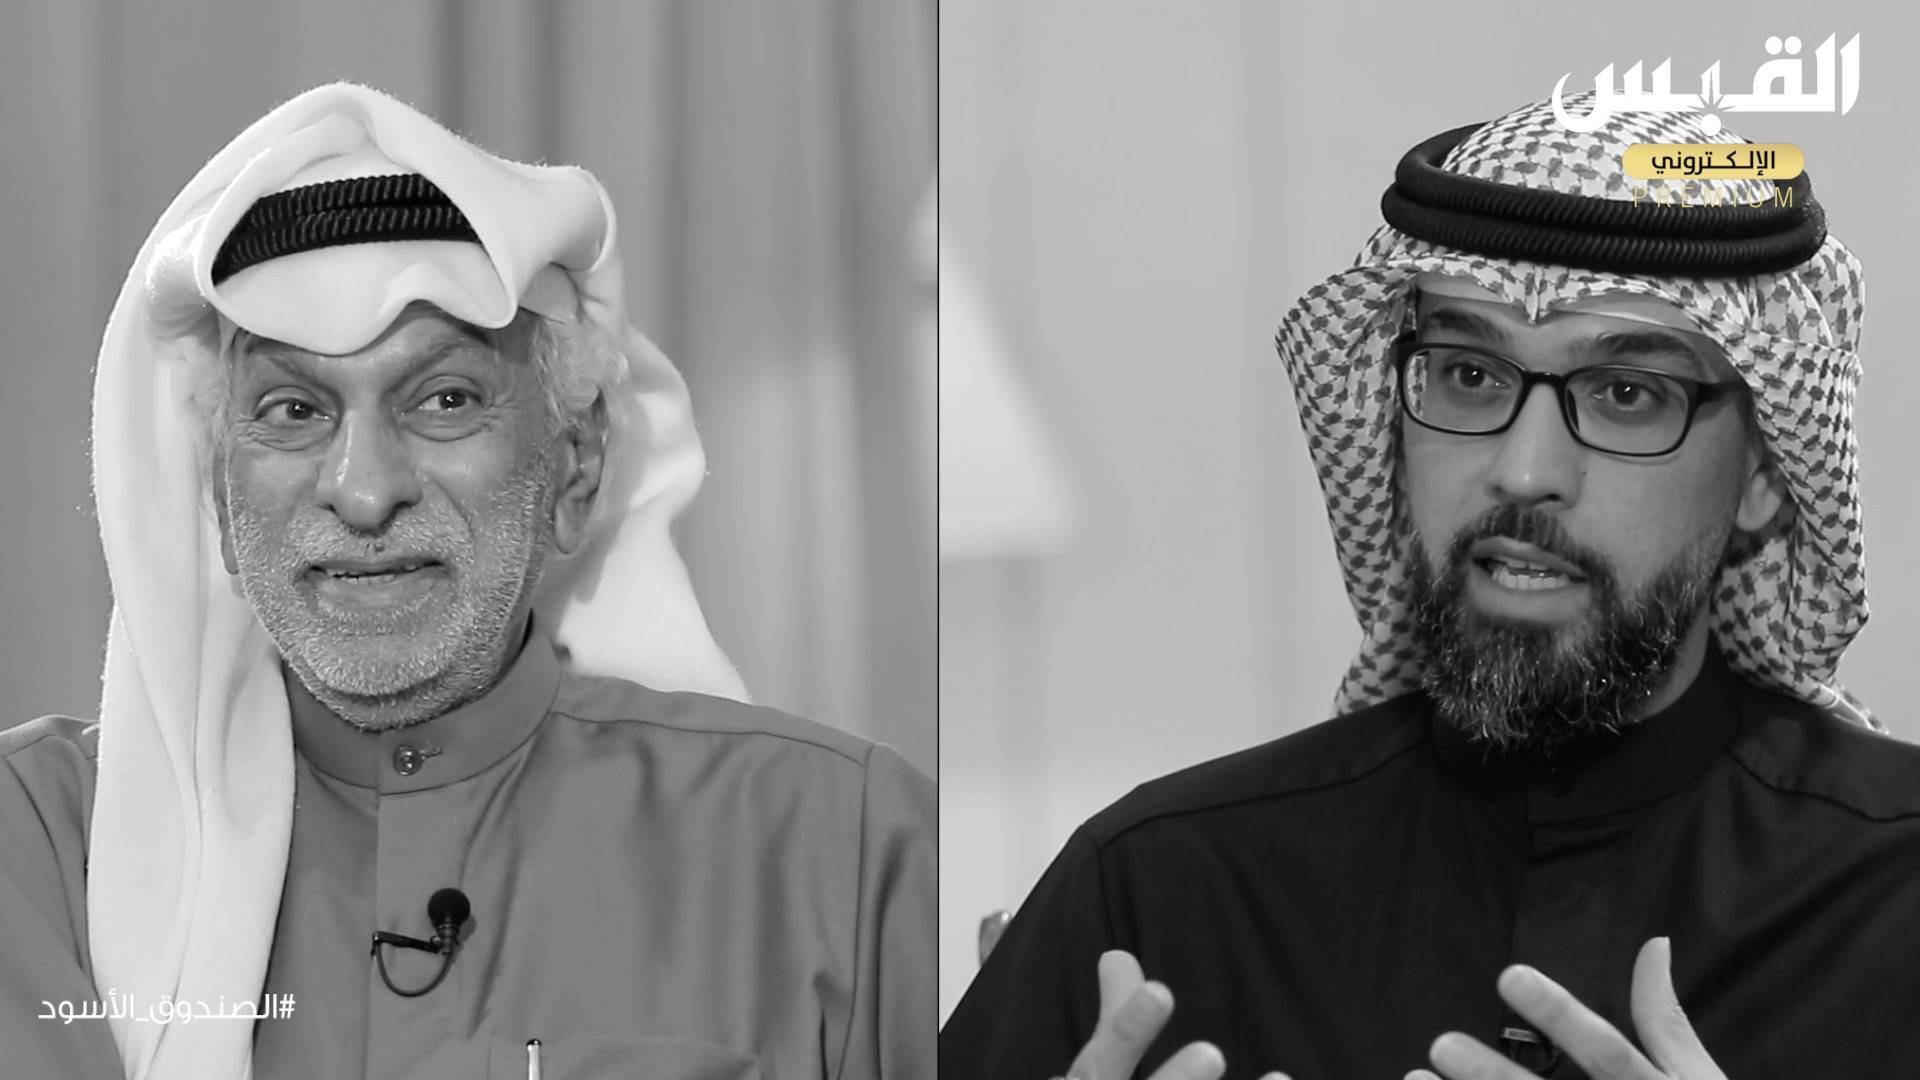 حصرياً.. الجزء 21 و 22 من سلسلة حلقات د. عبدالله النفيسي